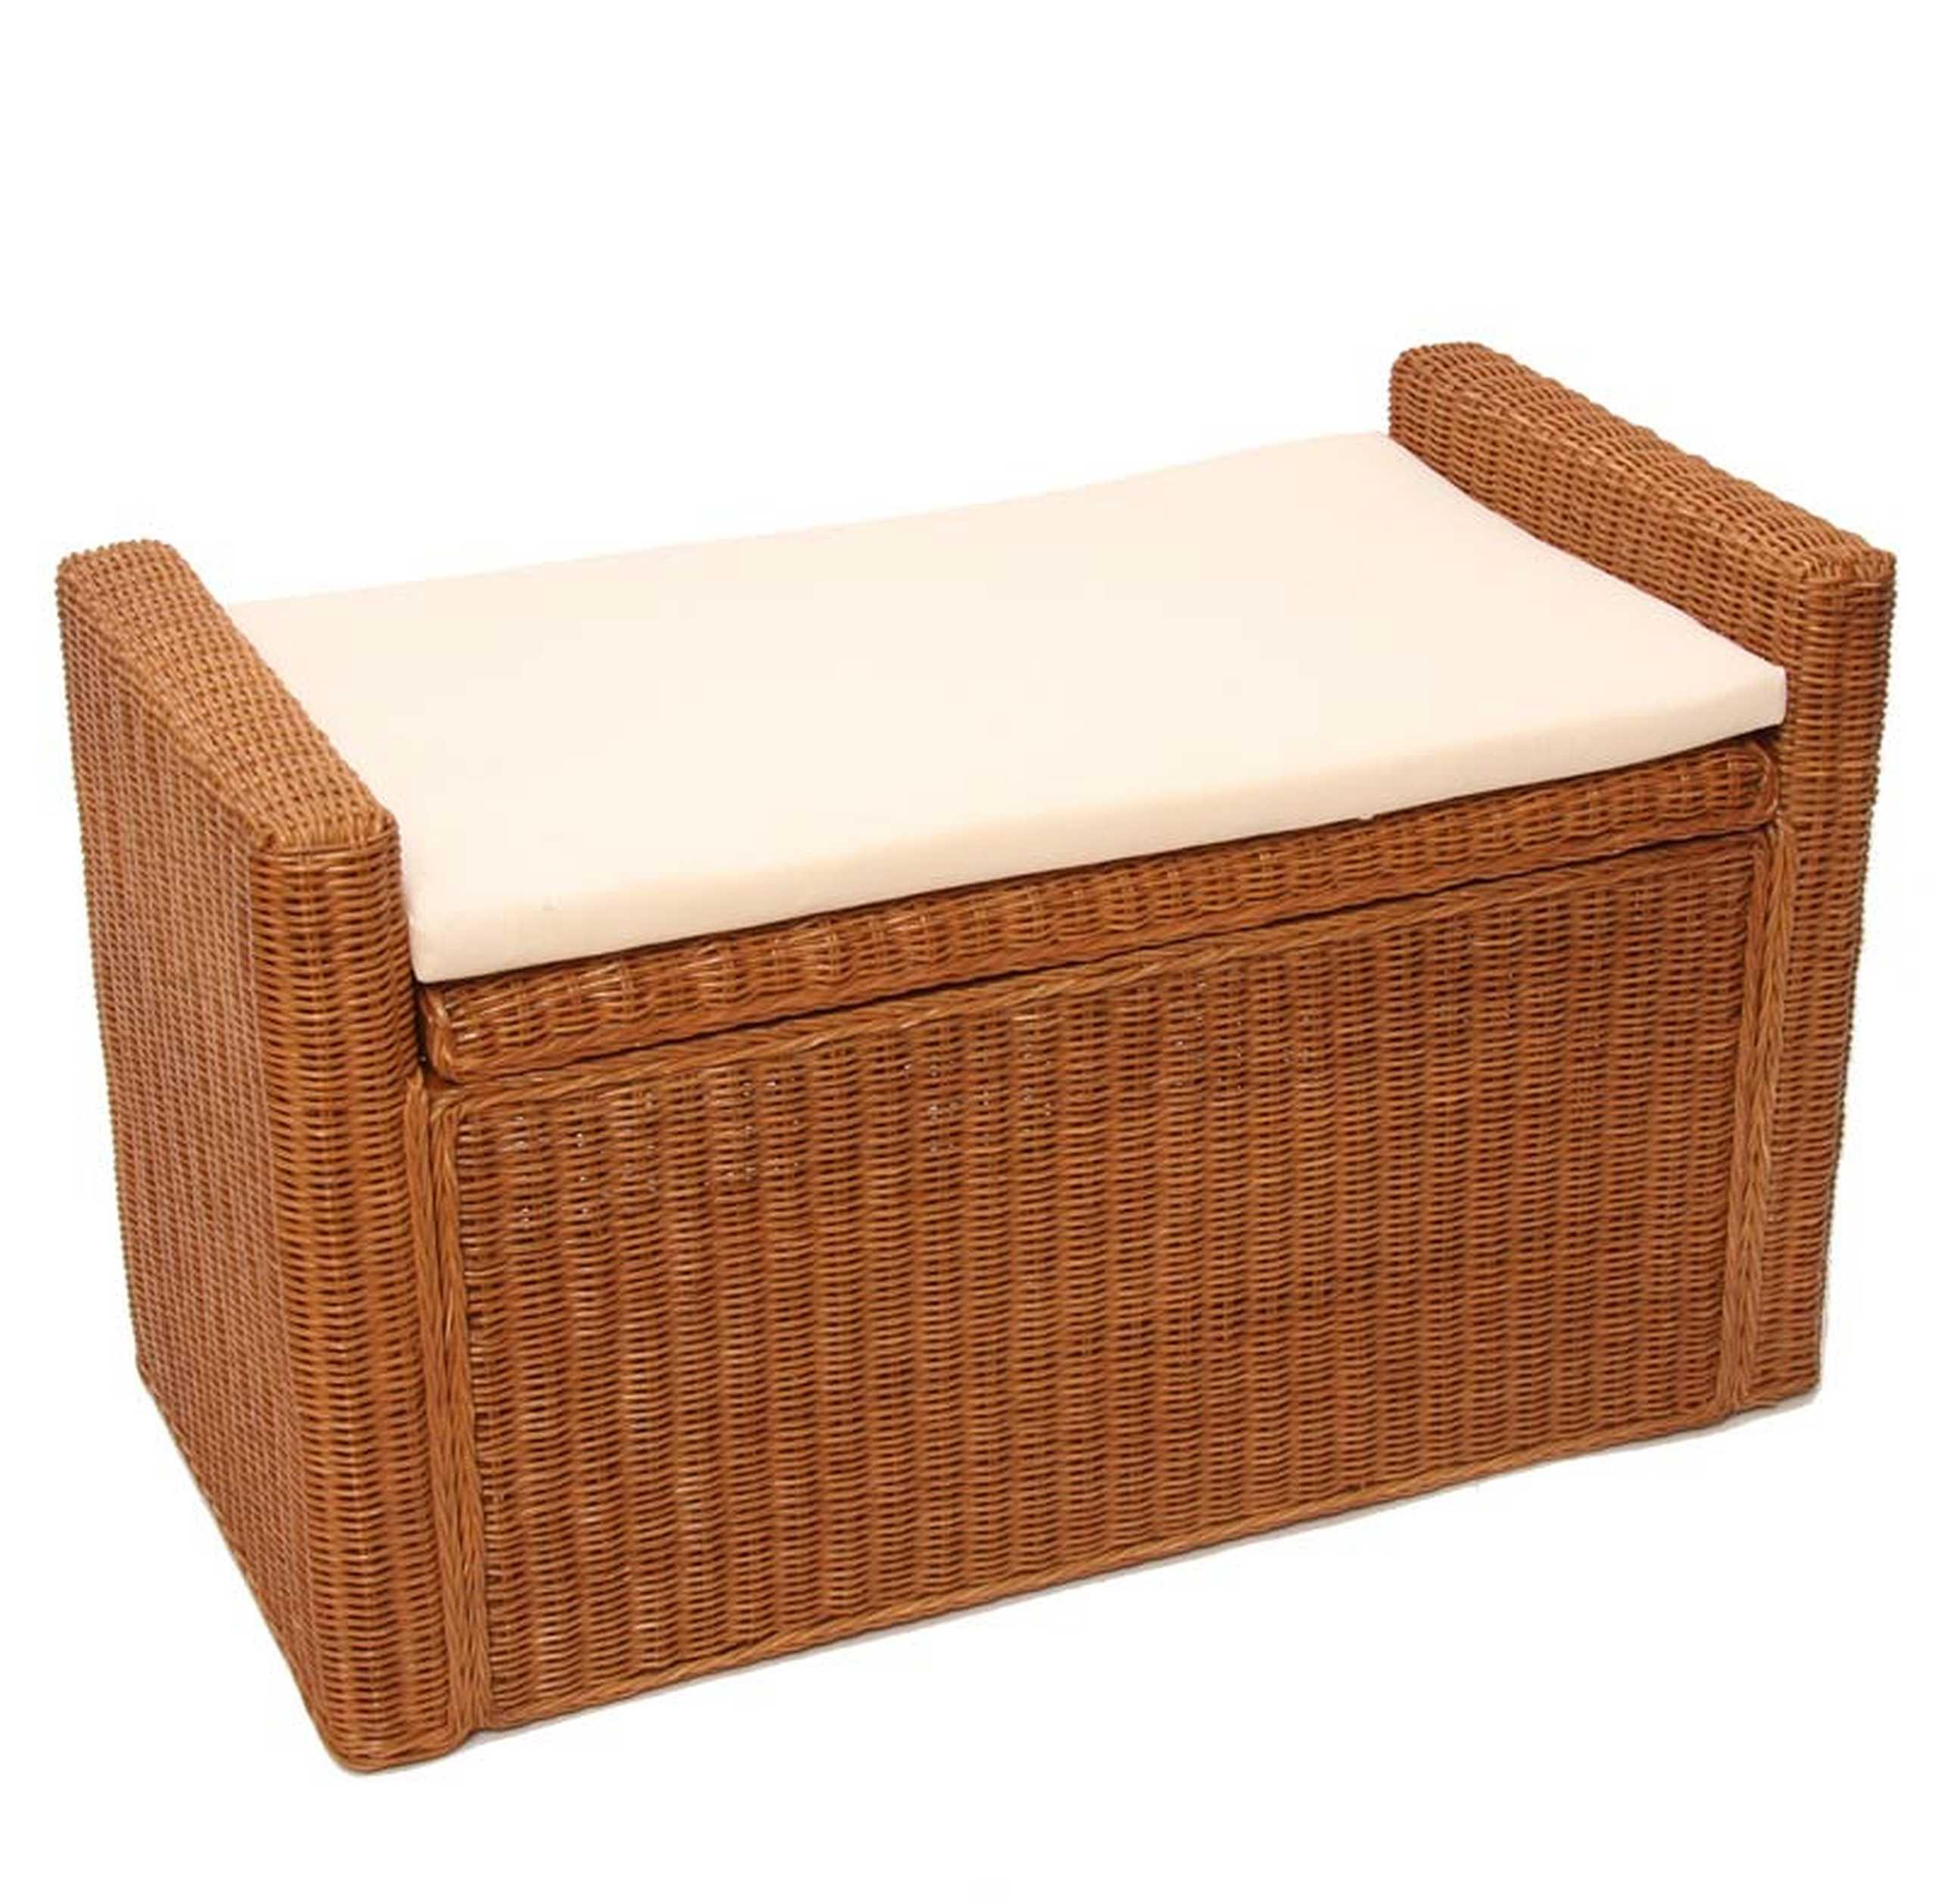 sitzbank sitzhocker m92 rattan mit stauraum und kissen. Black Bedroom Furniture Sets. Home Design Ideas